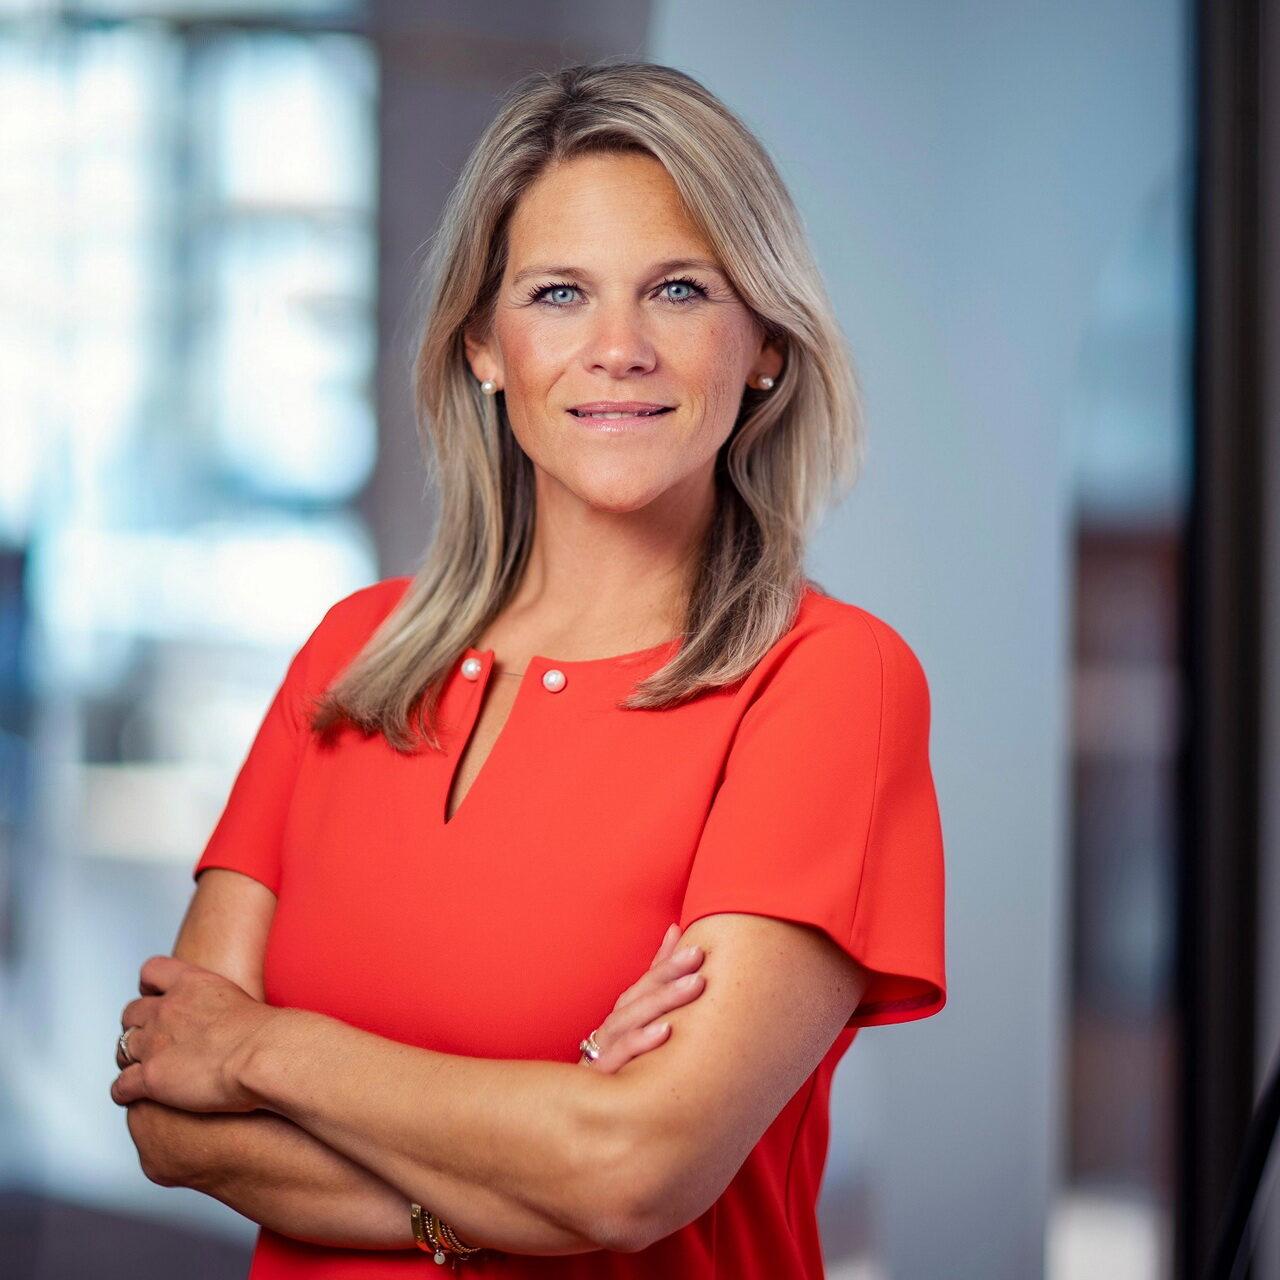 Karin van Baardwijk wird CEO bei Robeco